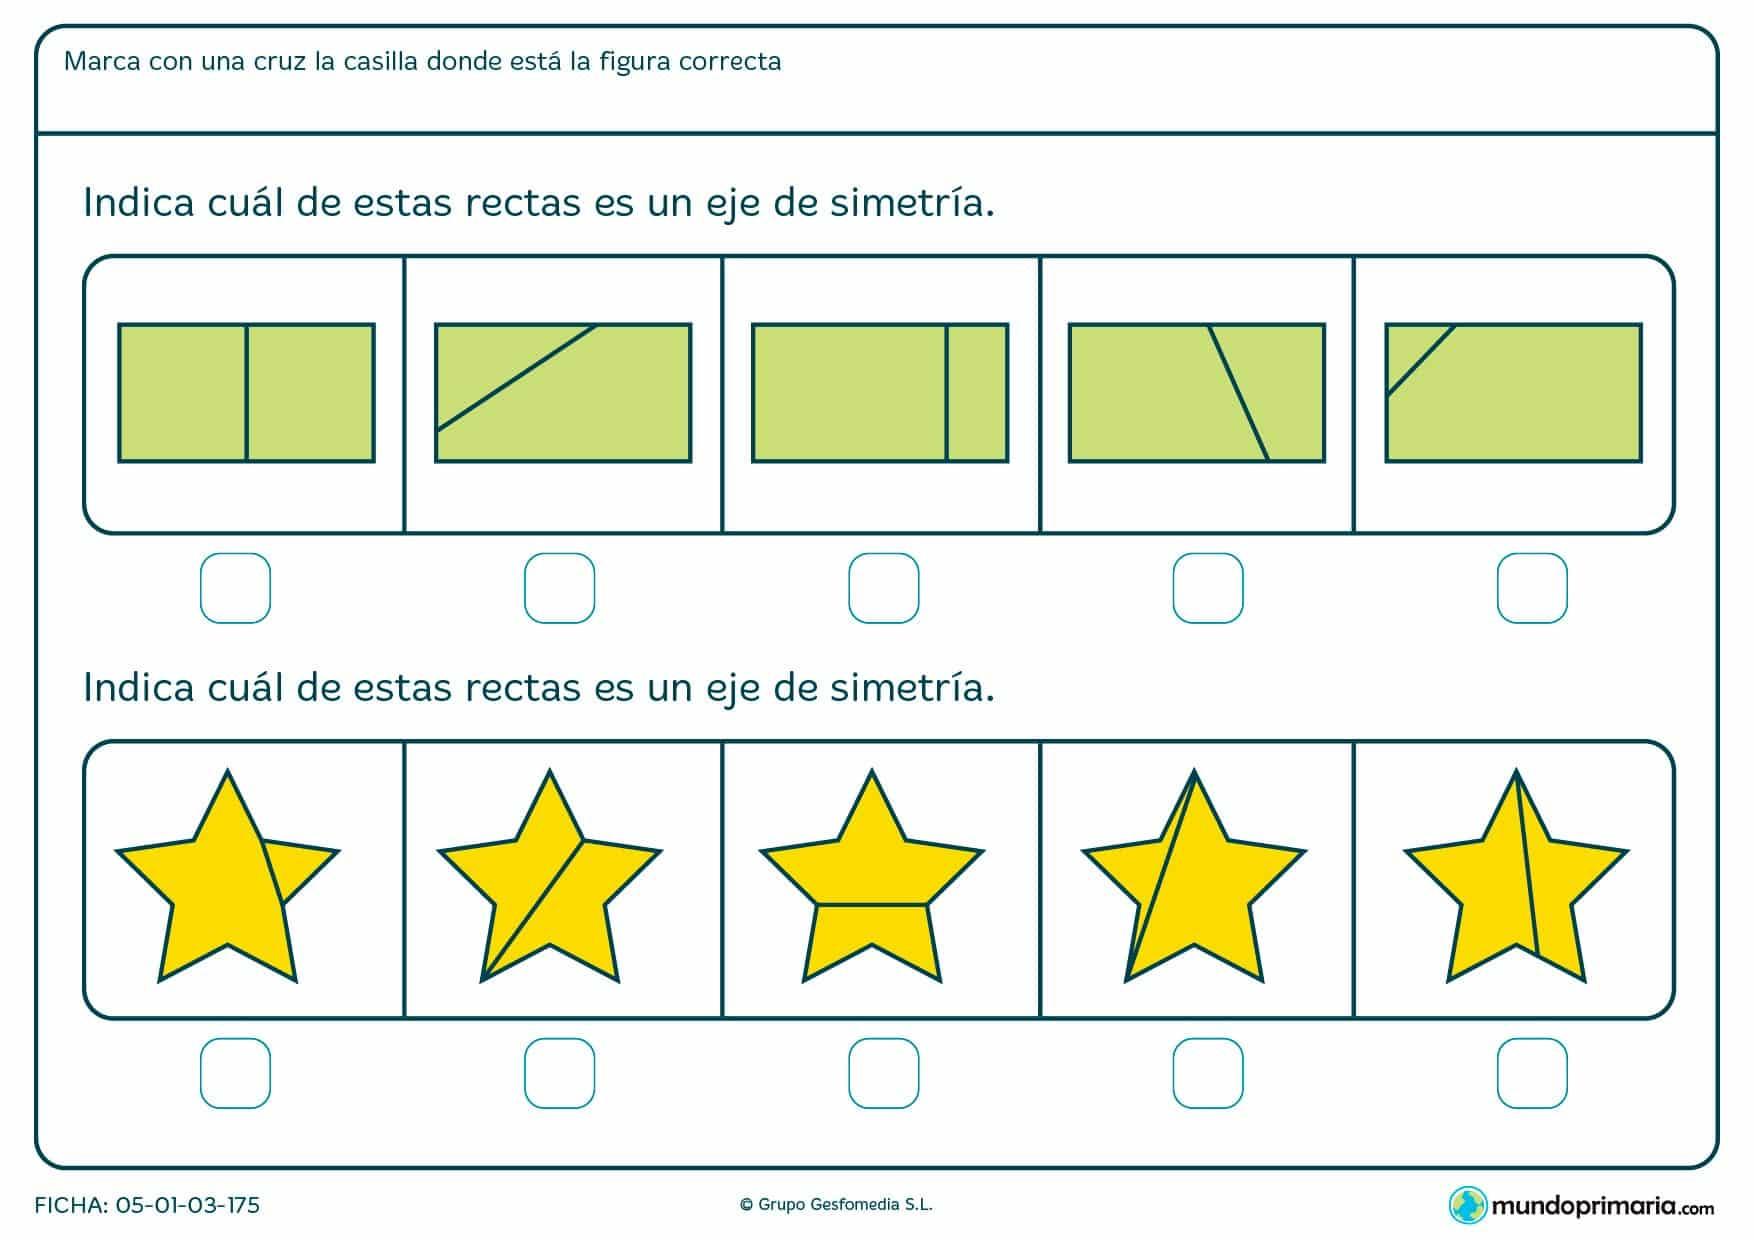 Ficha de eje de simetría en estrellas y revtángulos. Marca las imágenes que cumplen esta condición.